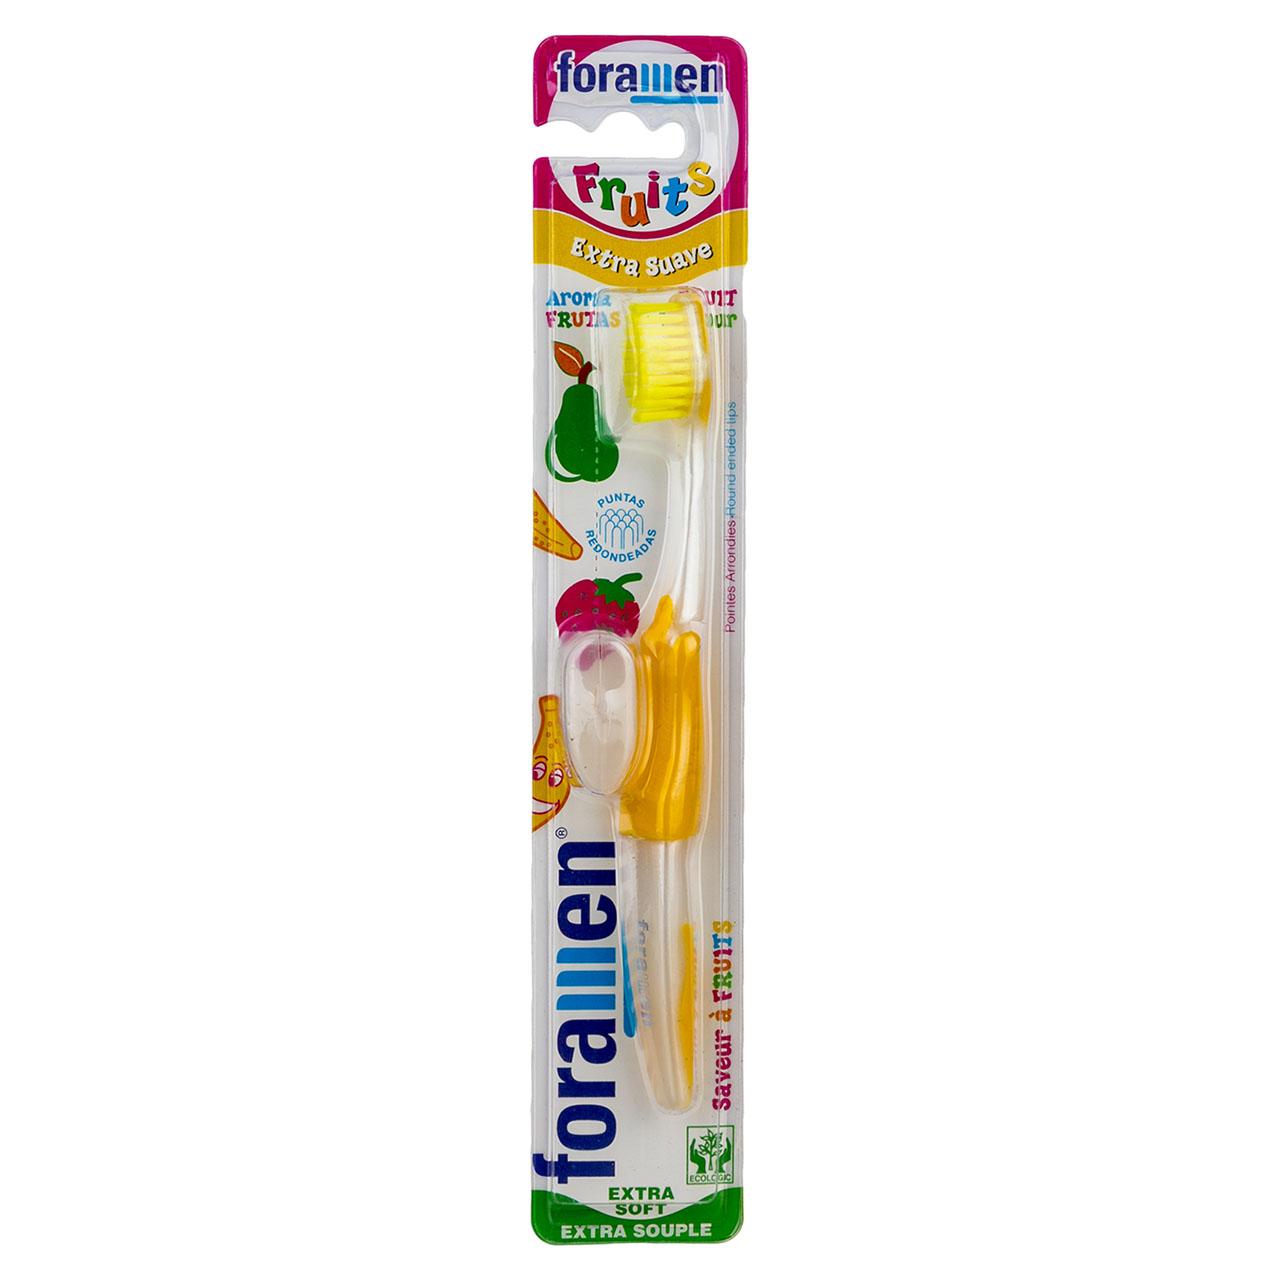 مسواک کودک فورامن مدل Fruits با برس خیلی نرم